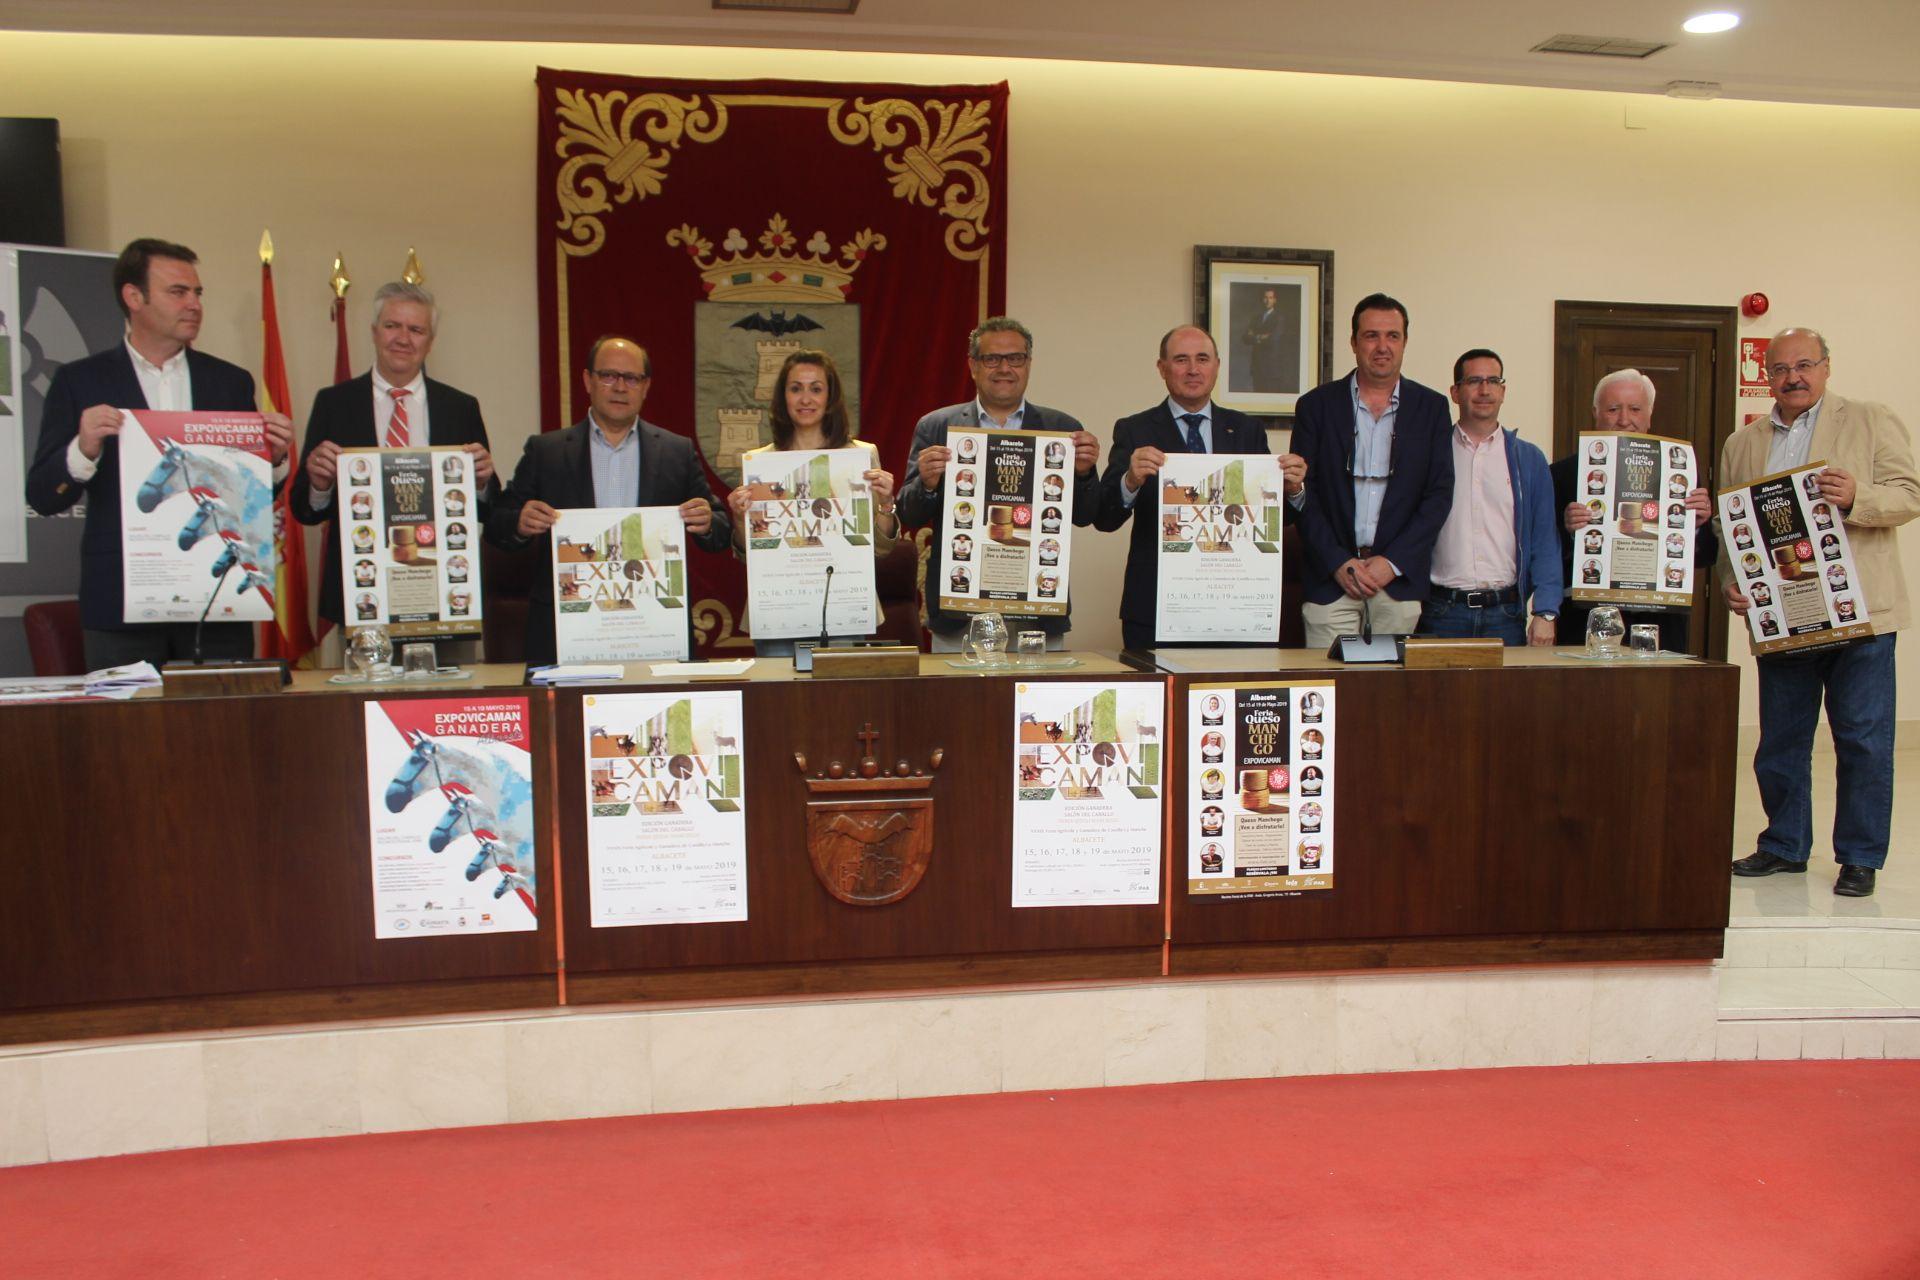 Rosa González presenta la XXXIX edición de Expovicaman en su edición Ganadera, Salón del Caballo y Feria del Queso Manchego